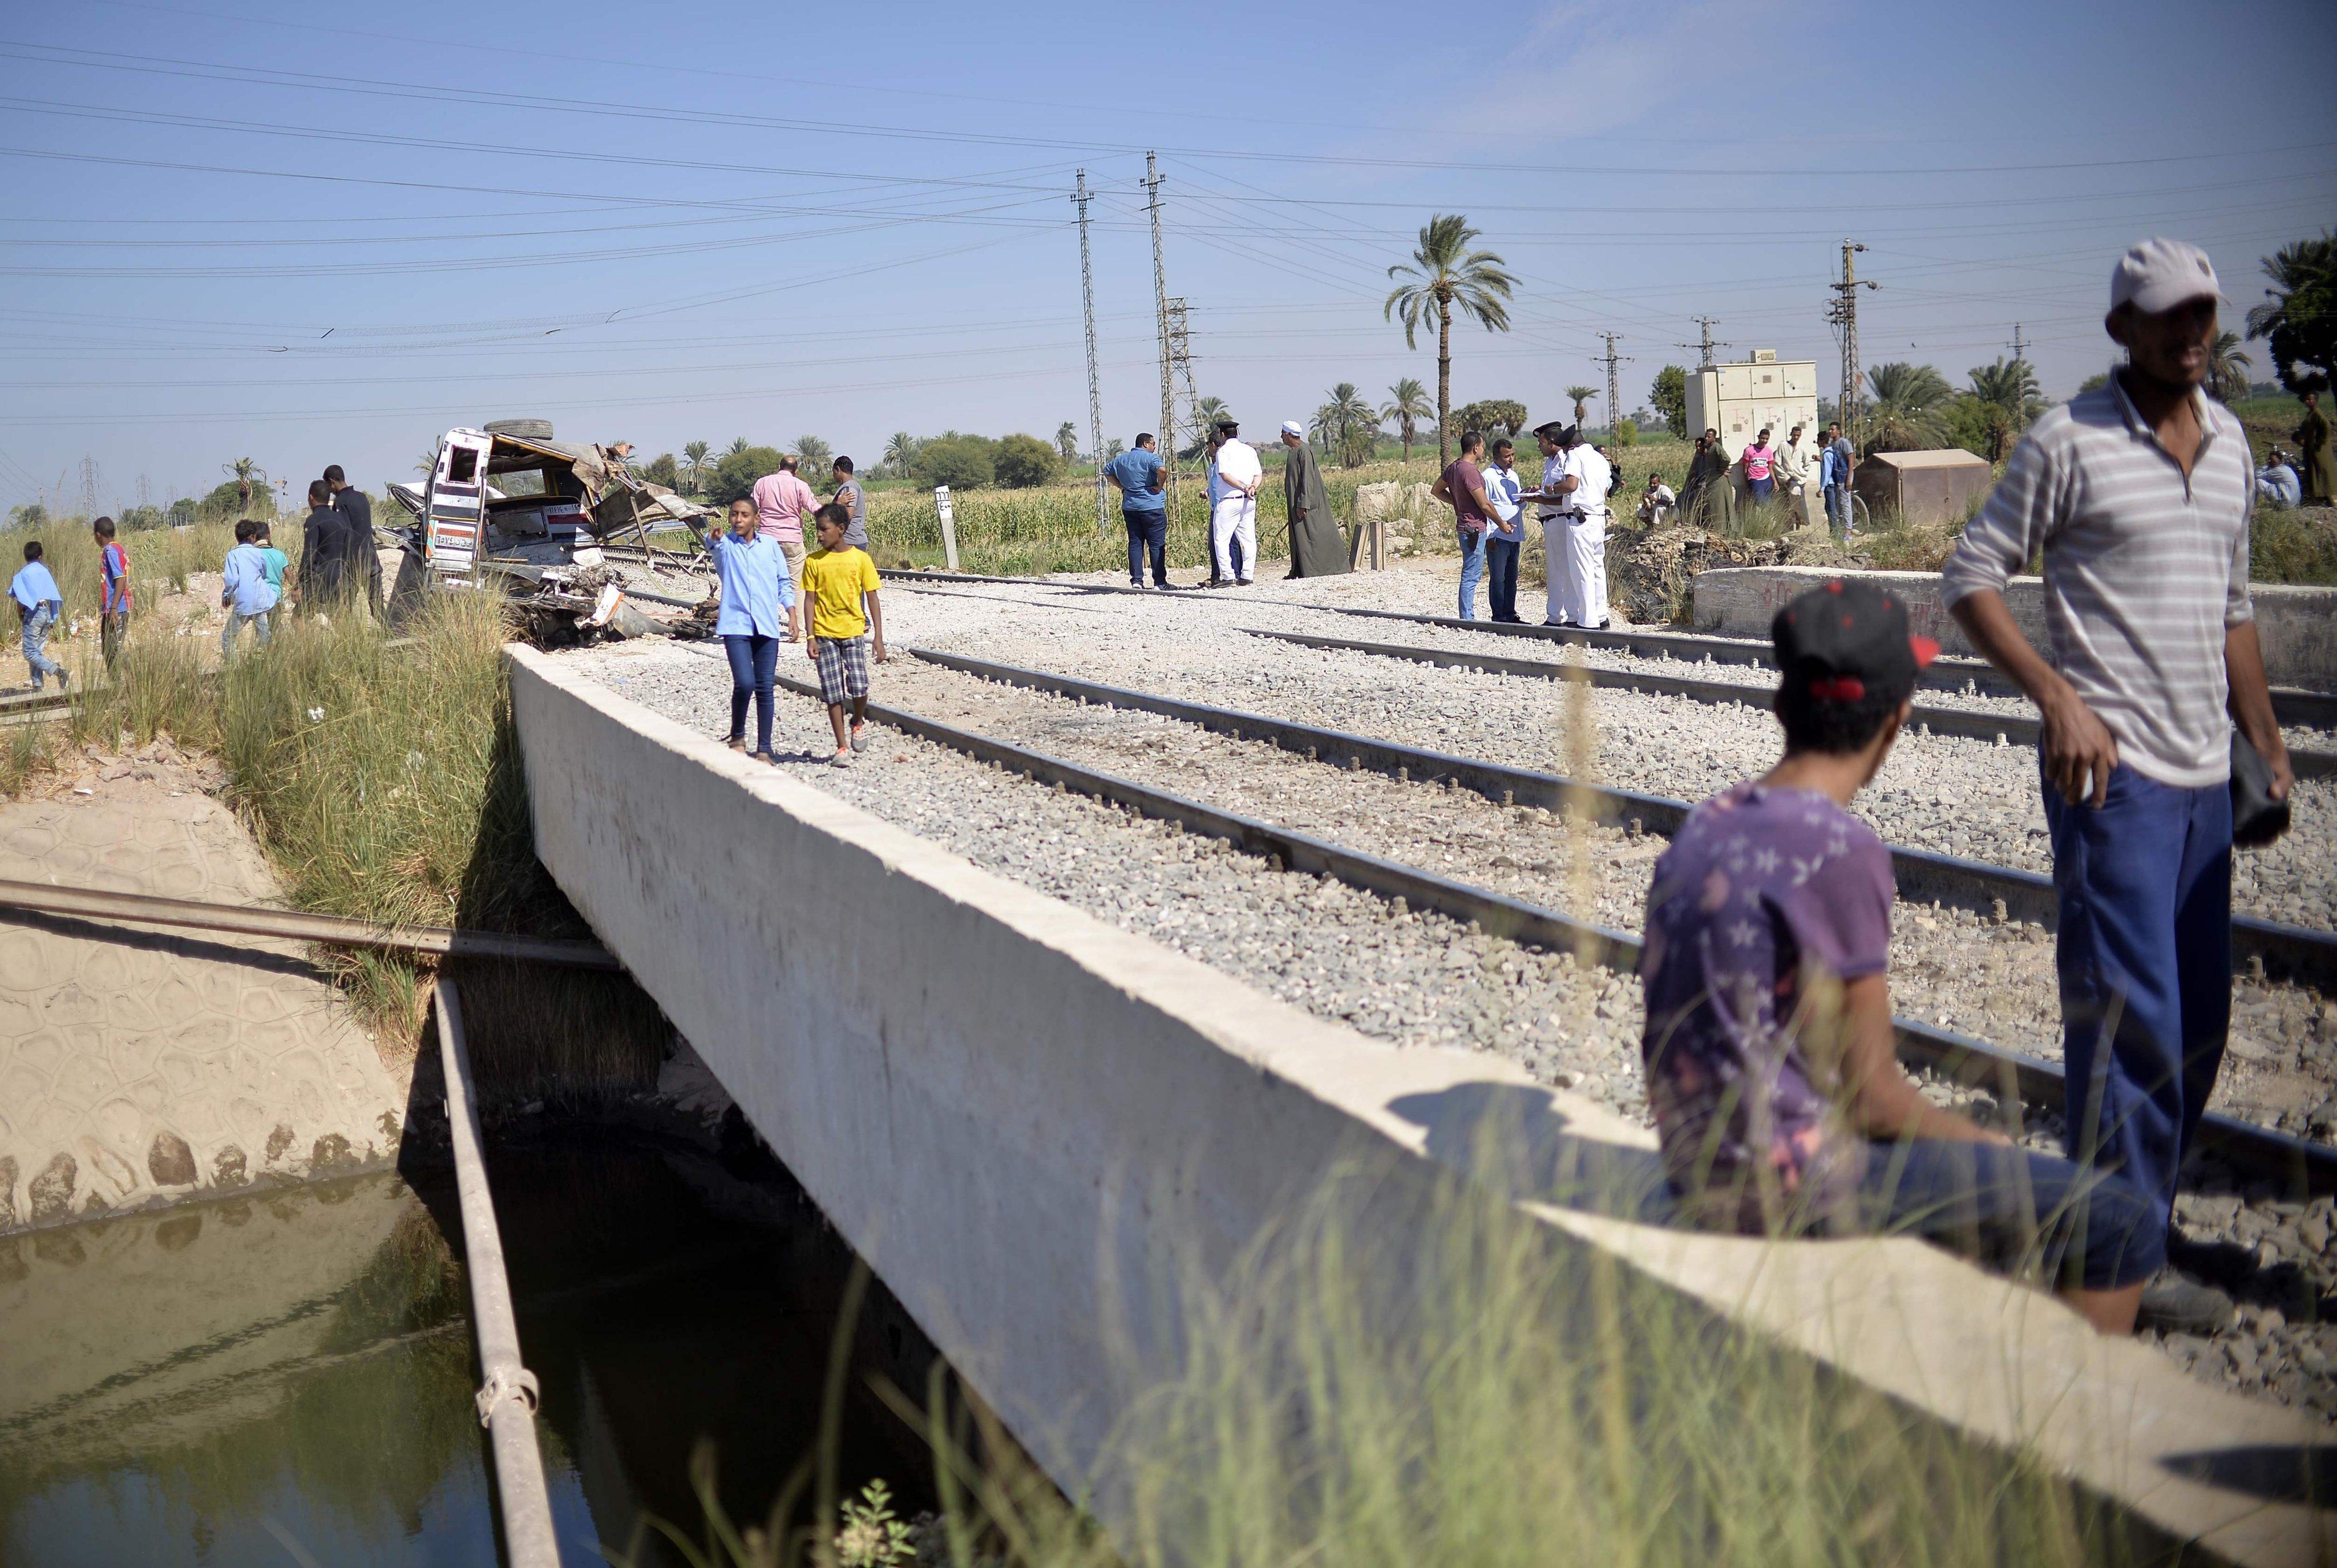 مصر: مصرع 4 أشخاص في حادثة قطار